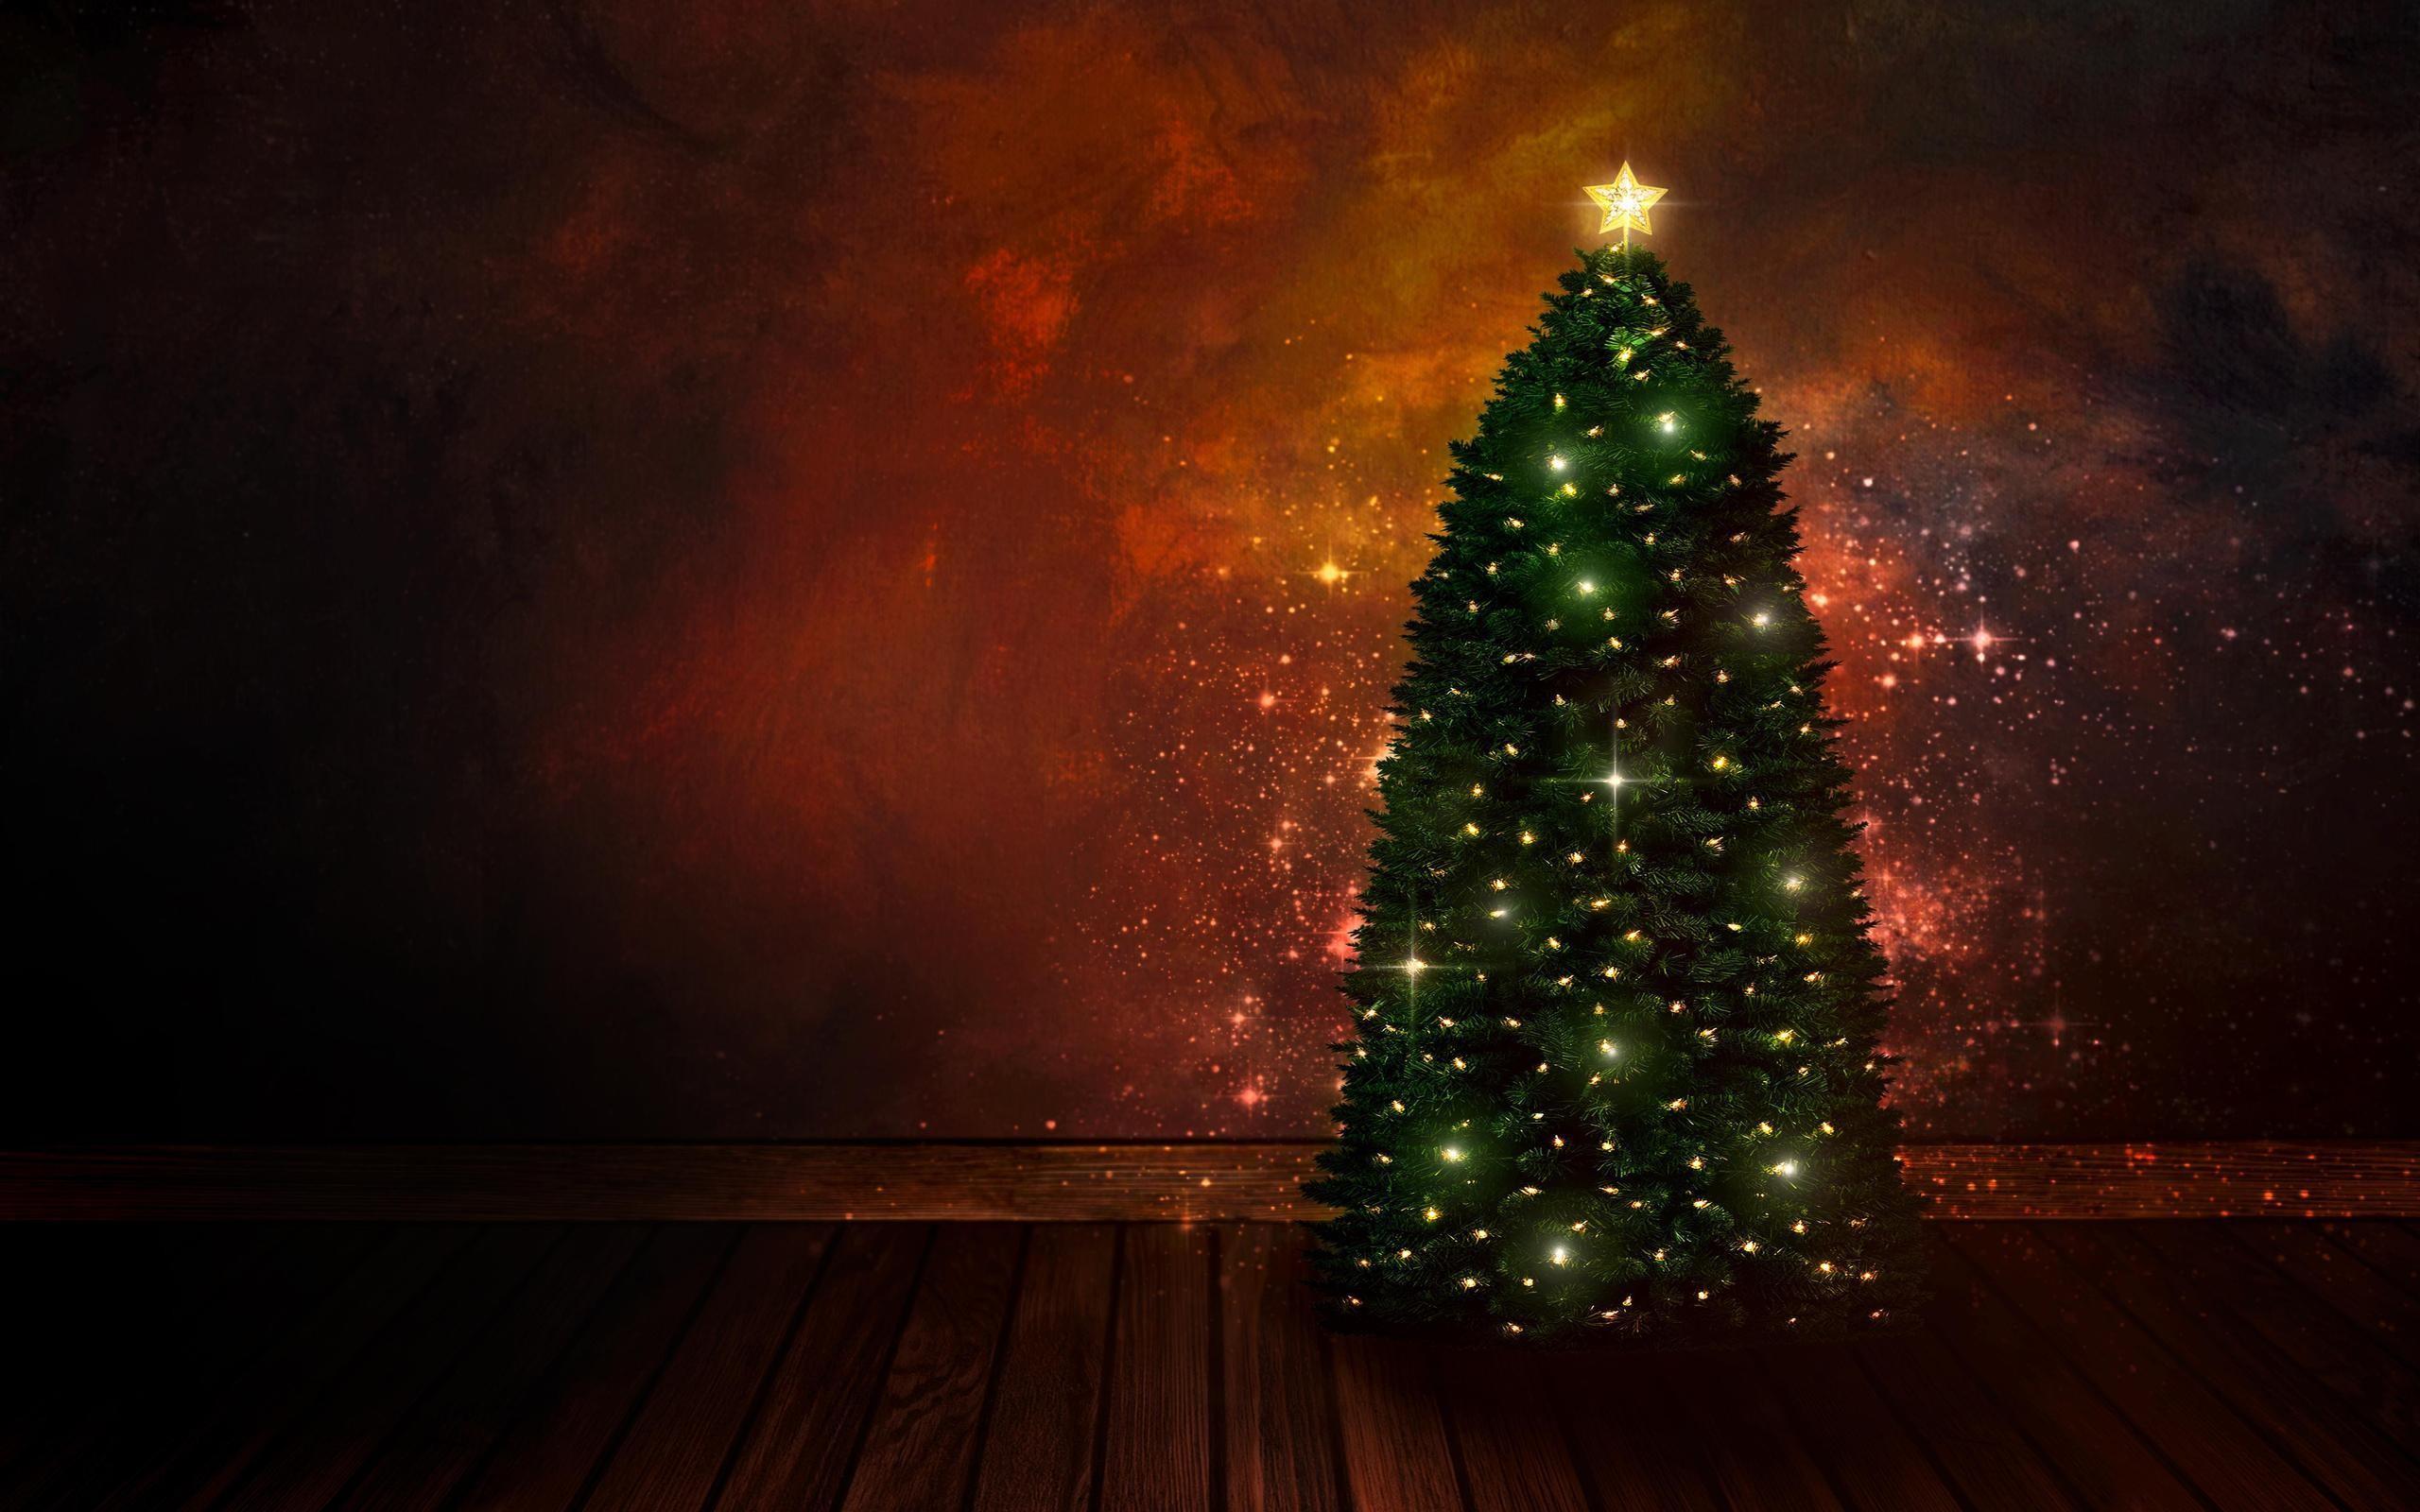 картинки с красивыми елками этого наши корреспонденты